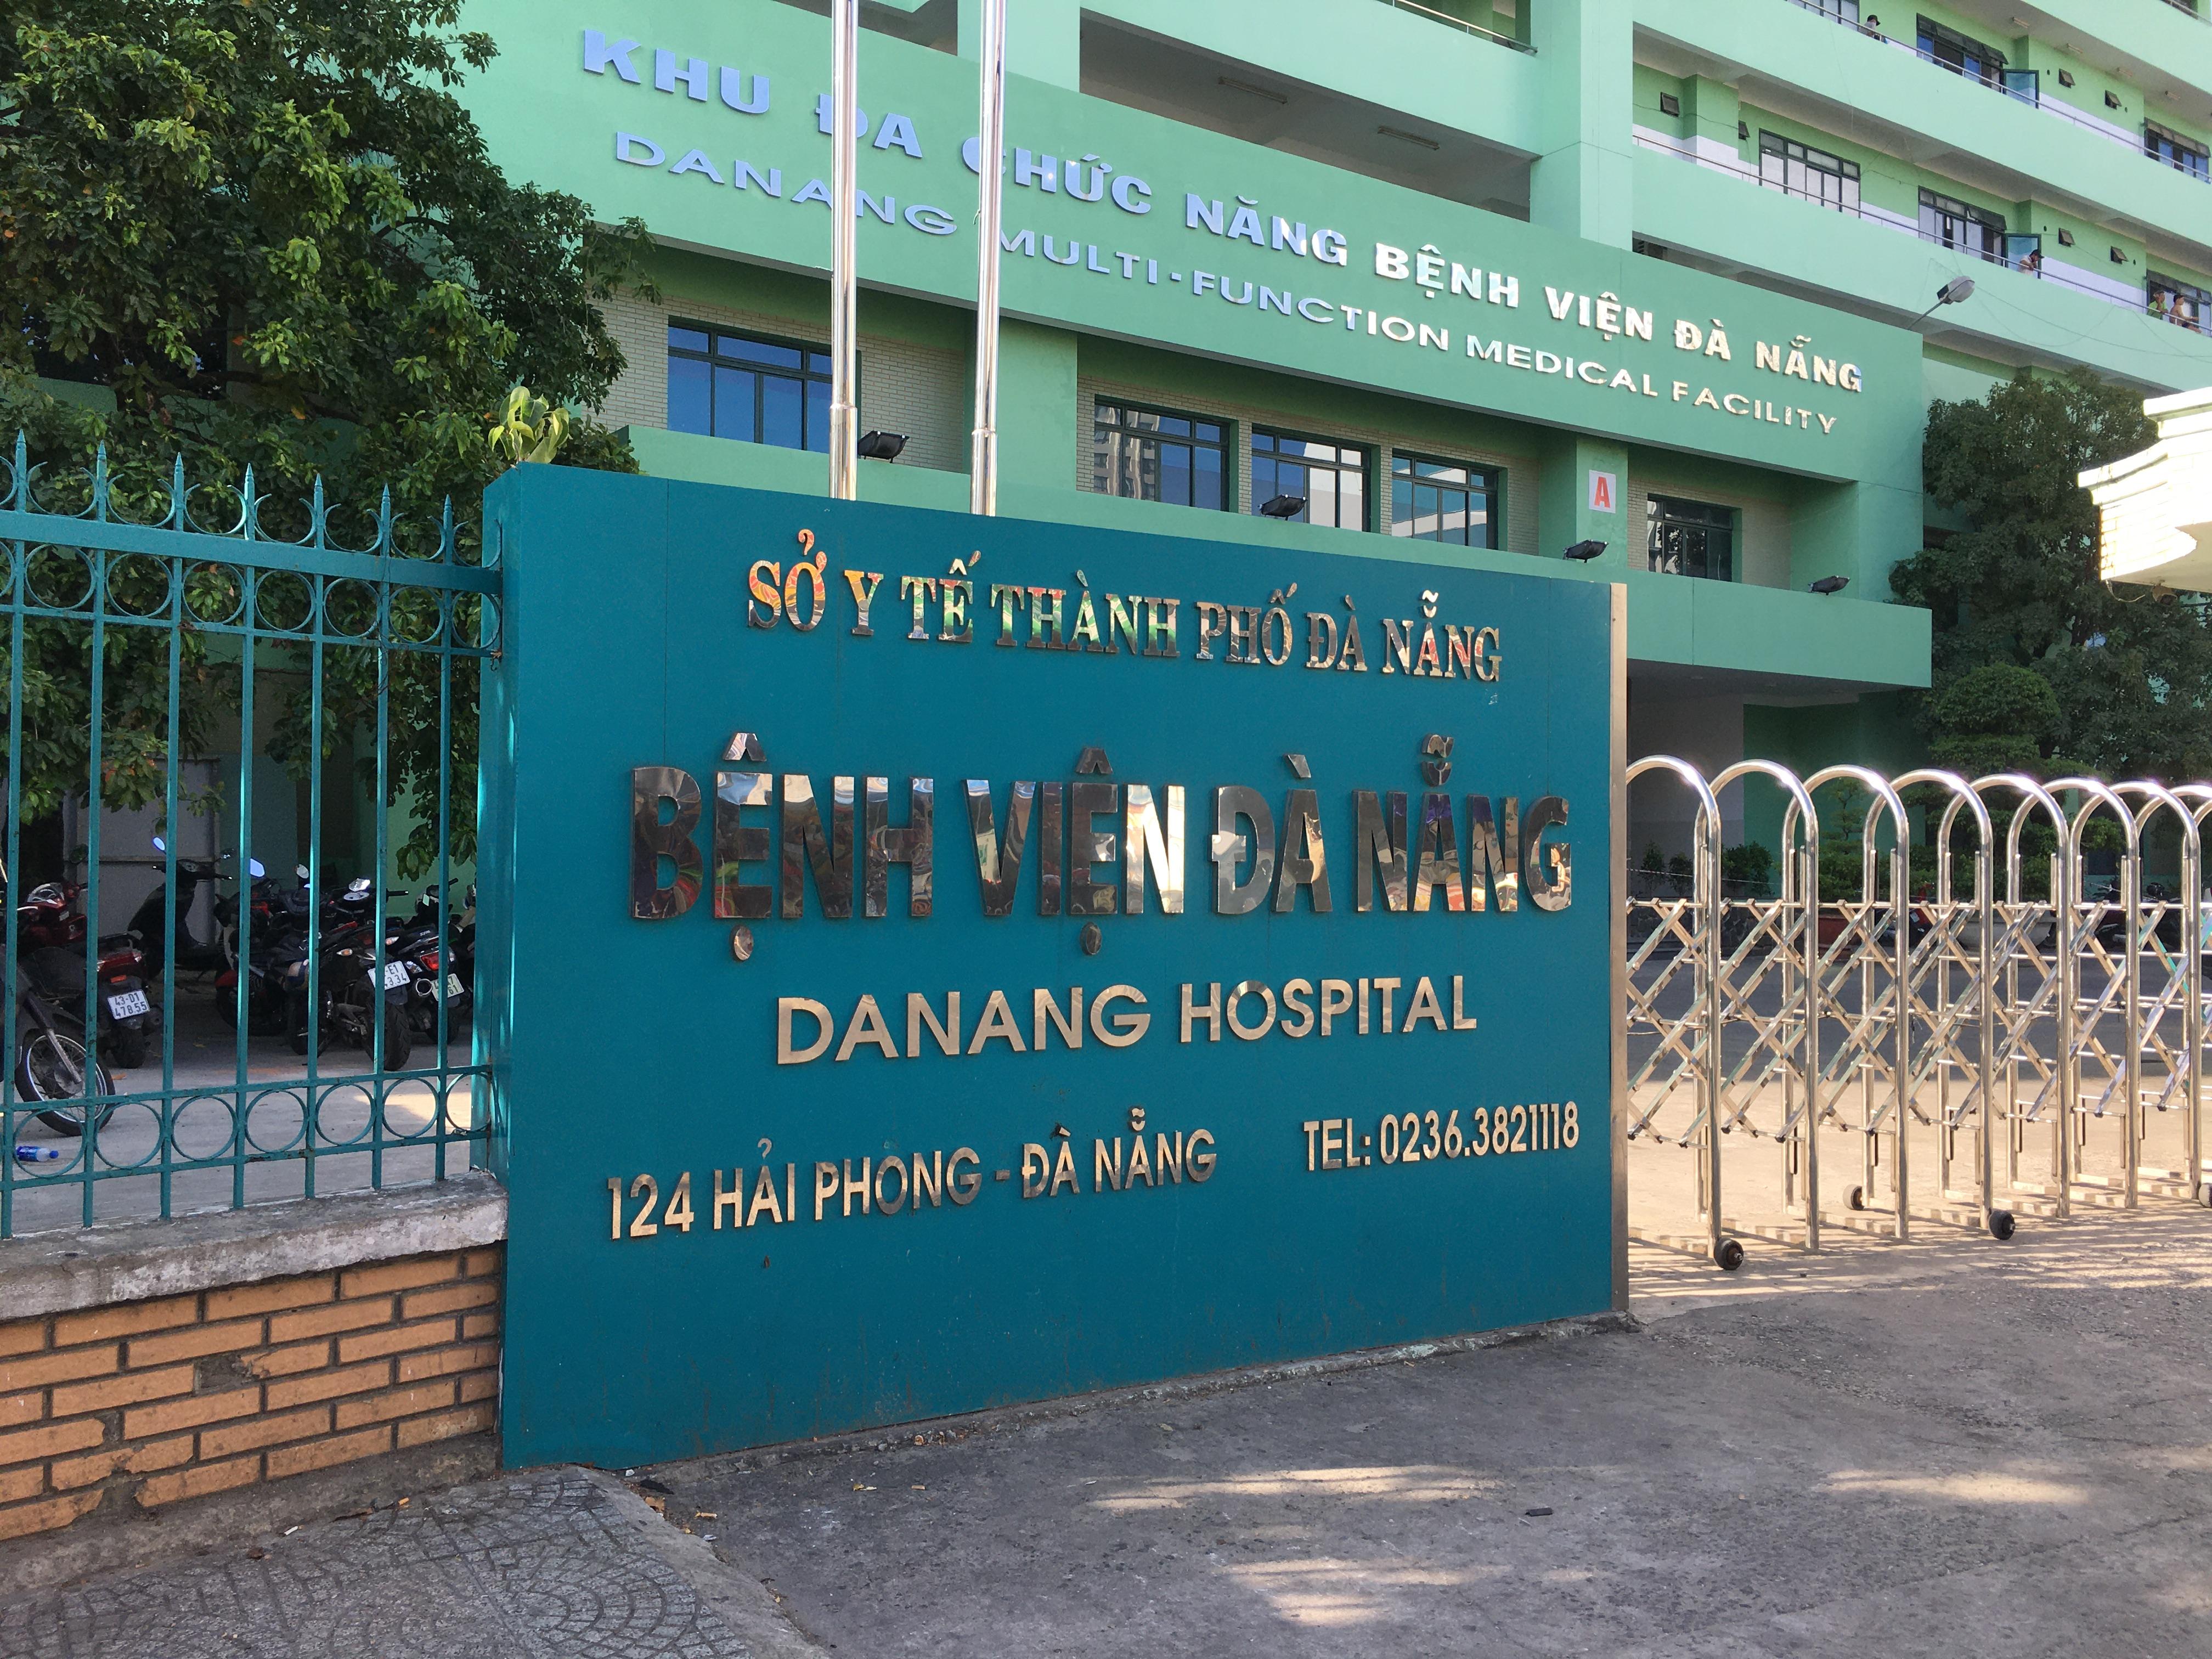 Đà Nẵng chỉ có 4 cơ sở y tế được cấp phép xét nghiệm, chẩn đoán COVID-19 - Ảnh 1.